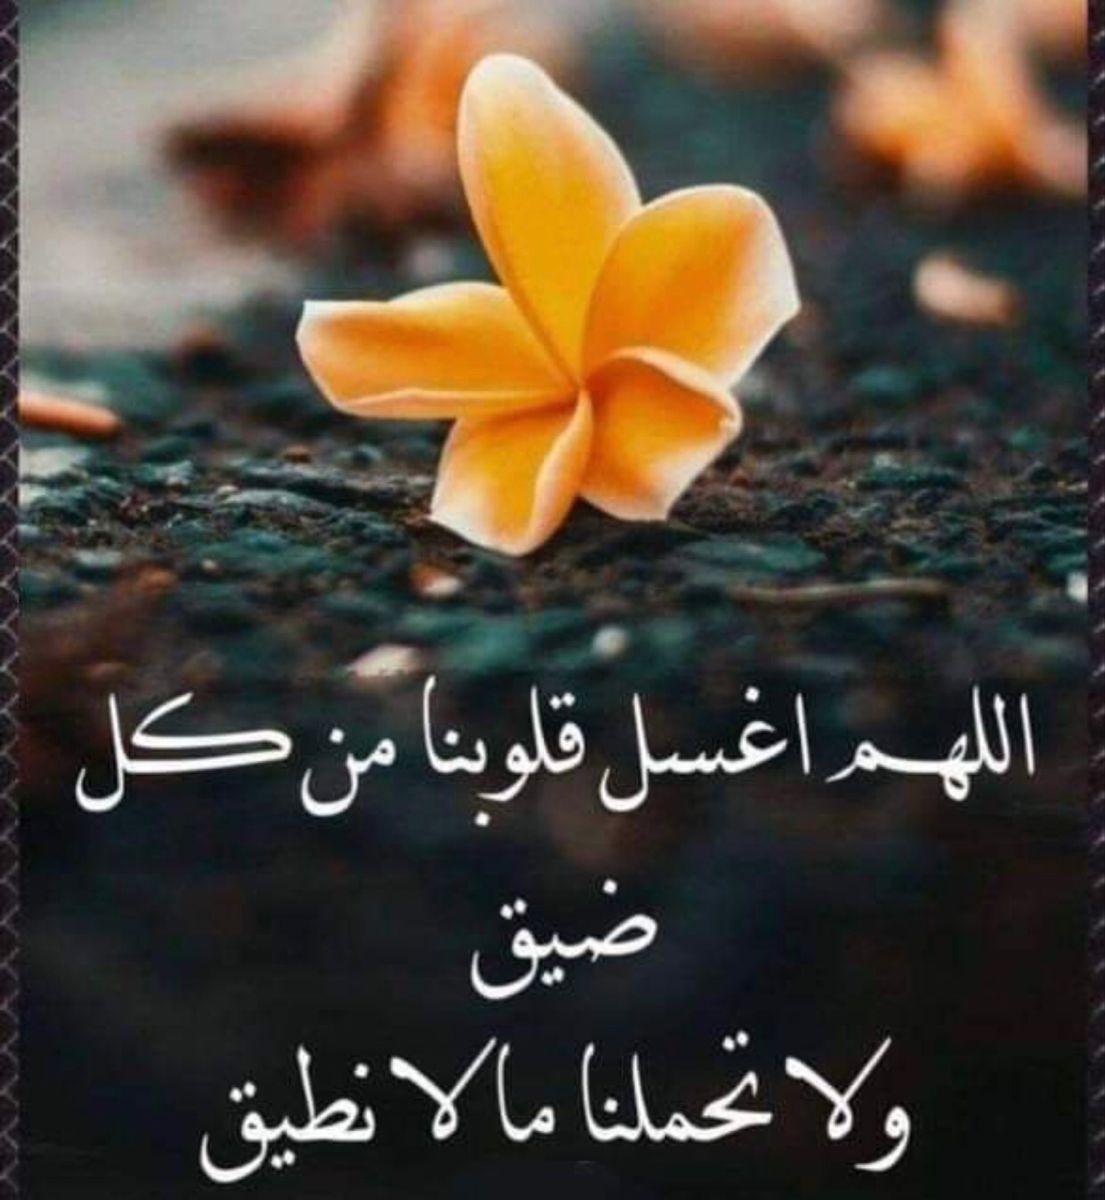 Pin By Ummohamed On اسماء الله الحسنى Islam Quran Lockscreen